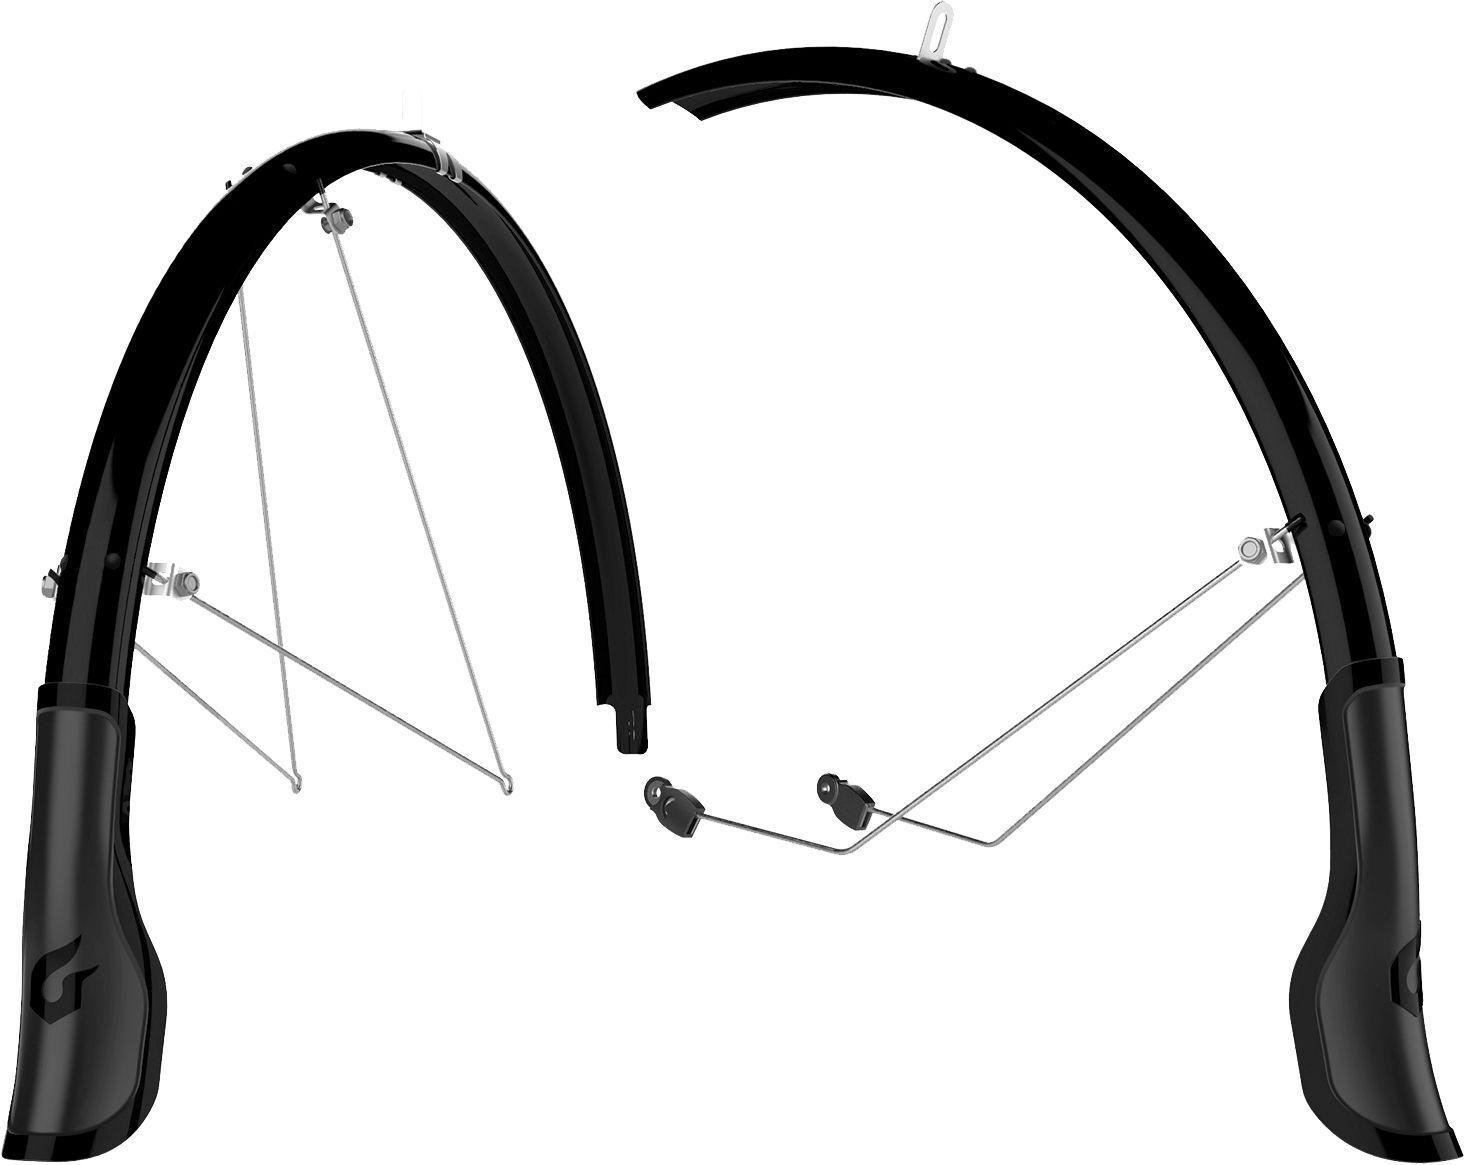 Blackburn Central Front and Rear Full Bike Fender Set, 700cx60mm, mud